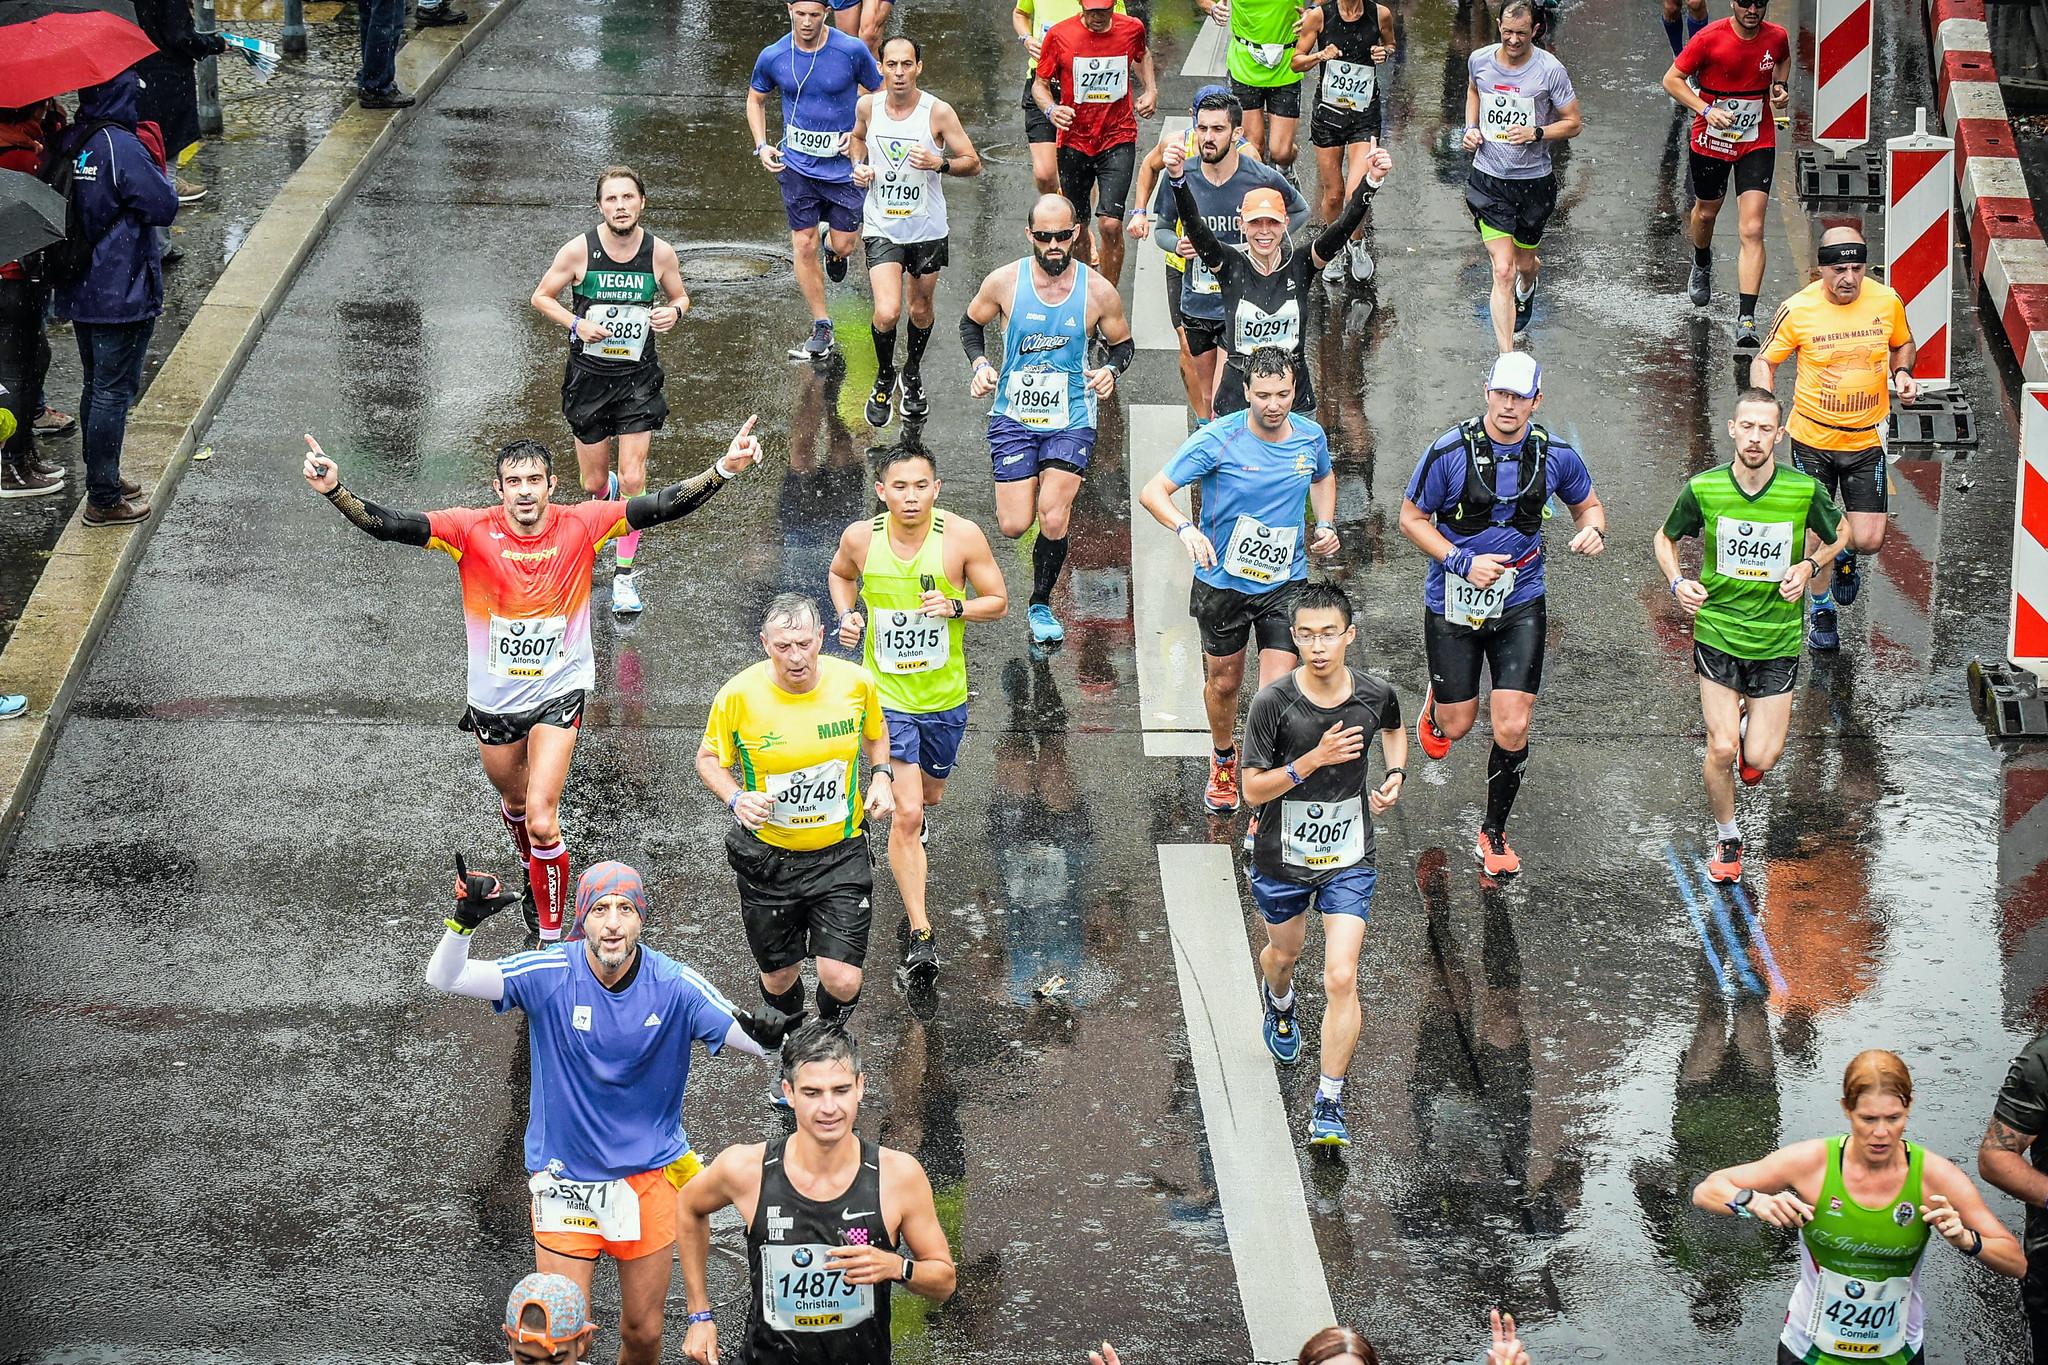 Correr el Maratón de Berlín - Berlin Marathon fotos photos - thewotme maratón de berlín - 49038569363 0dfe3fd629 k - Correr el Maratón de Berlín: Análisis, recorrido, entrenamiento e inscripciones